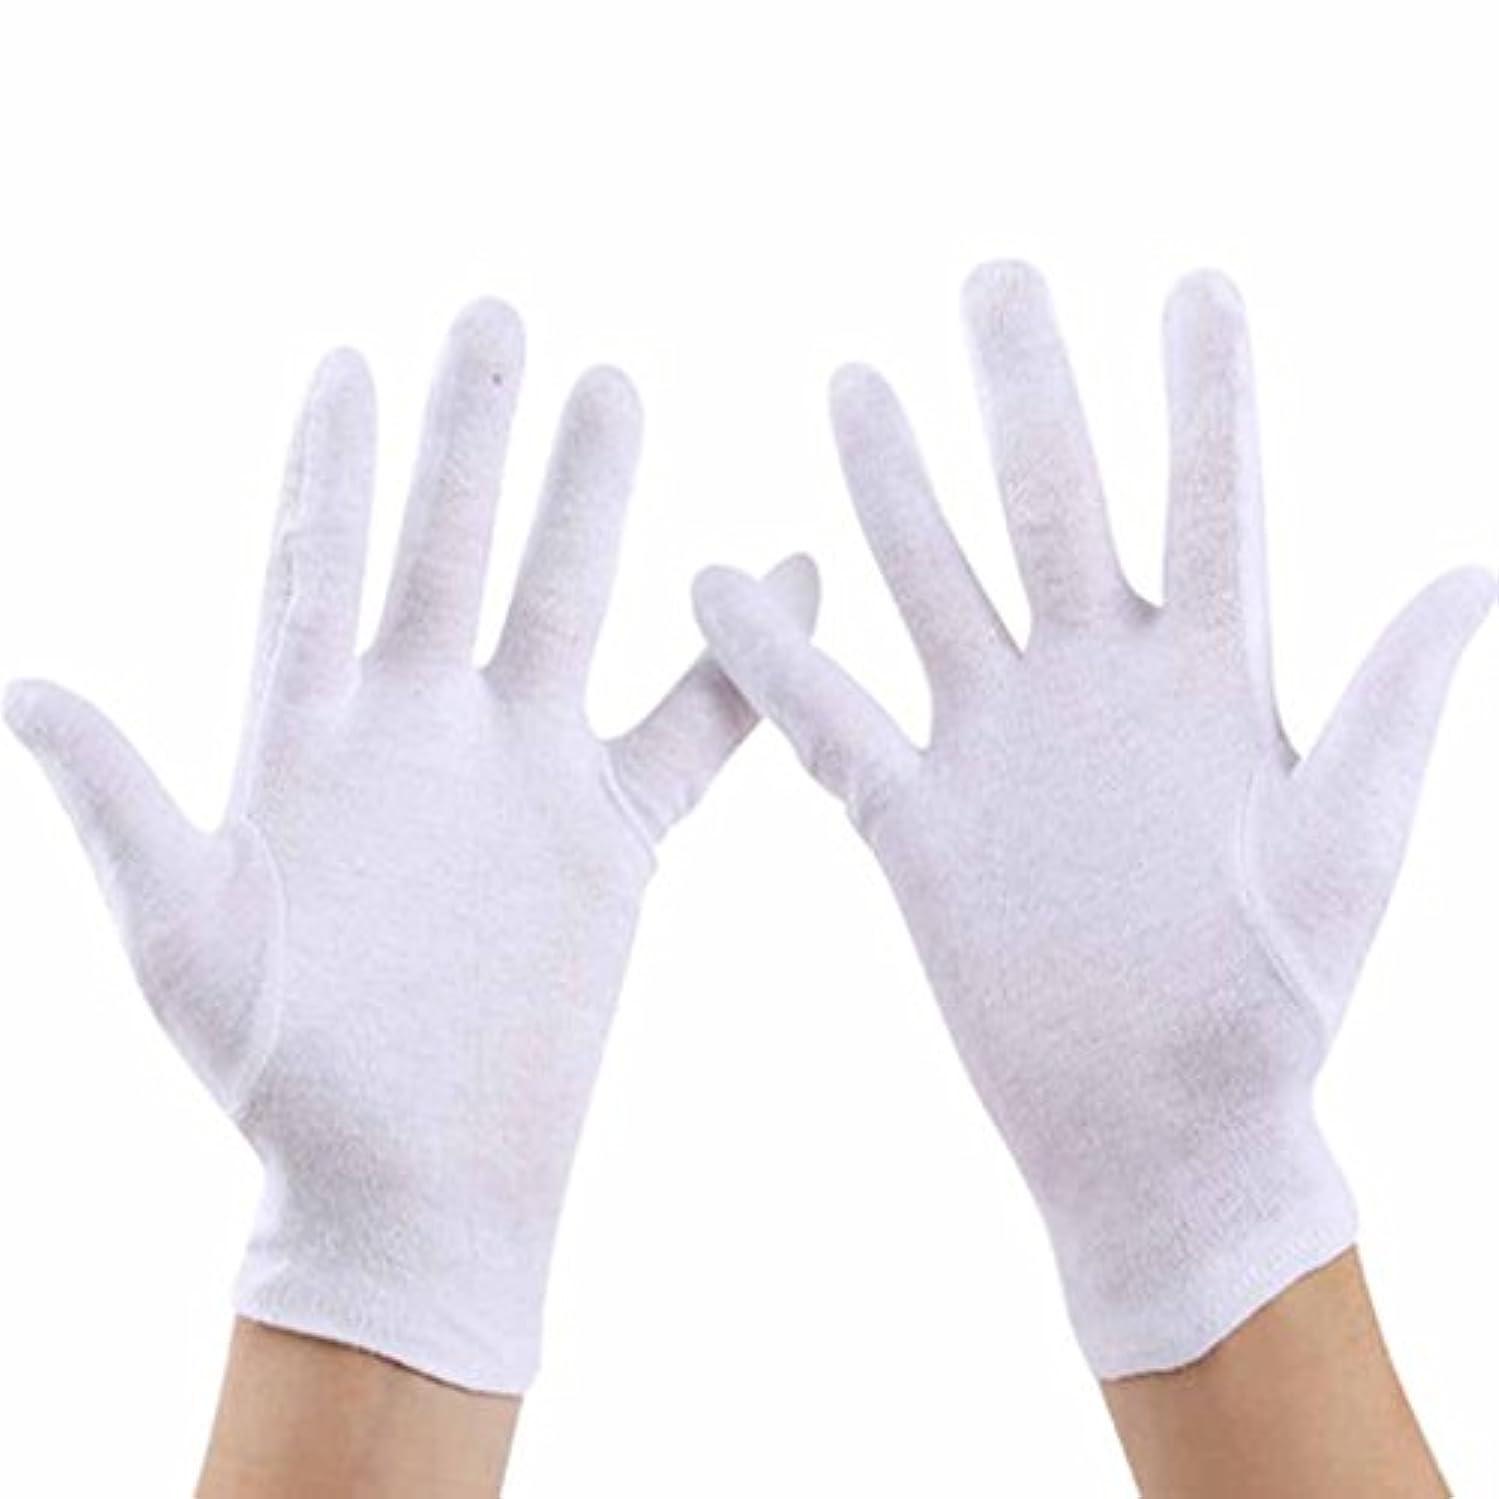 文字カッタークランシー使い捨て手袋 ホワイトエチケットコットン手袋、快適で 吸収性手袋 (Size : L)